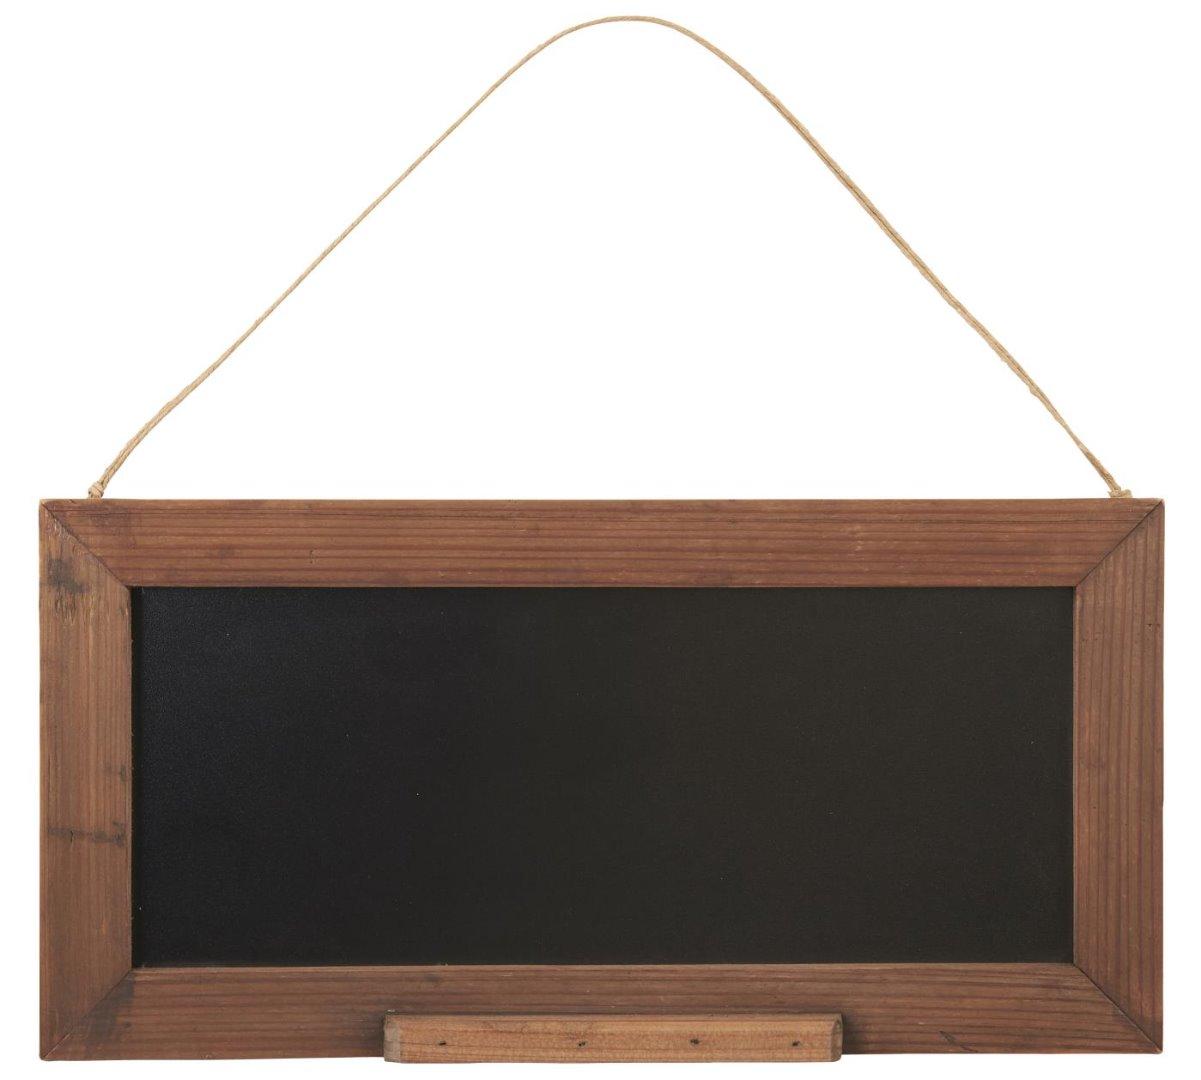 Tafel in Holzrahmen